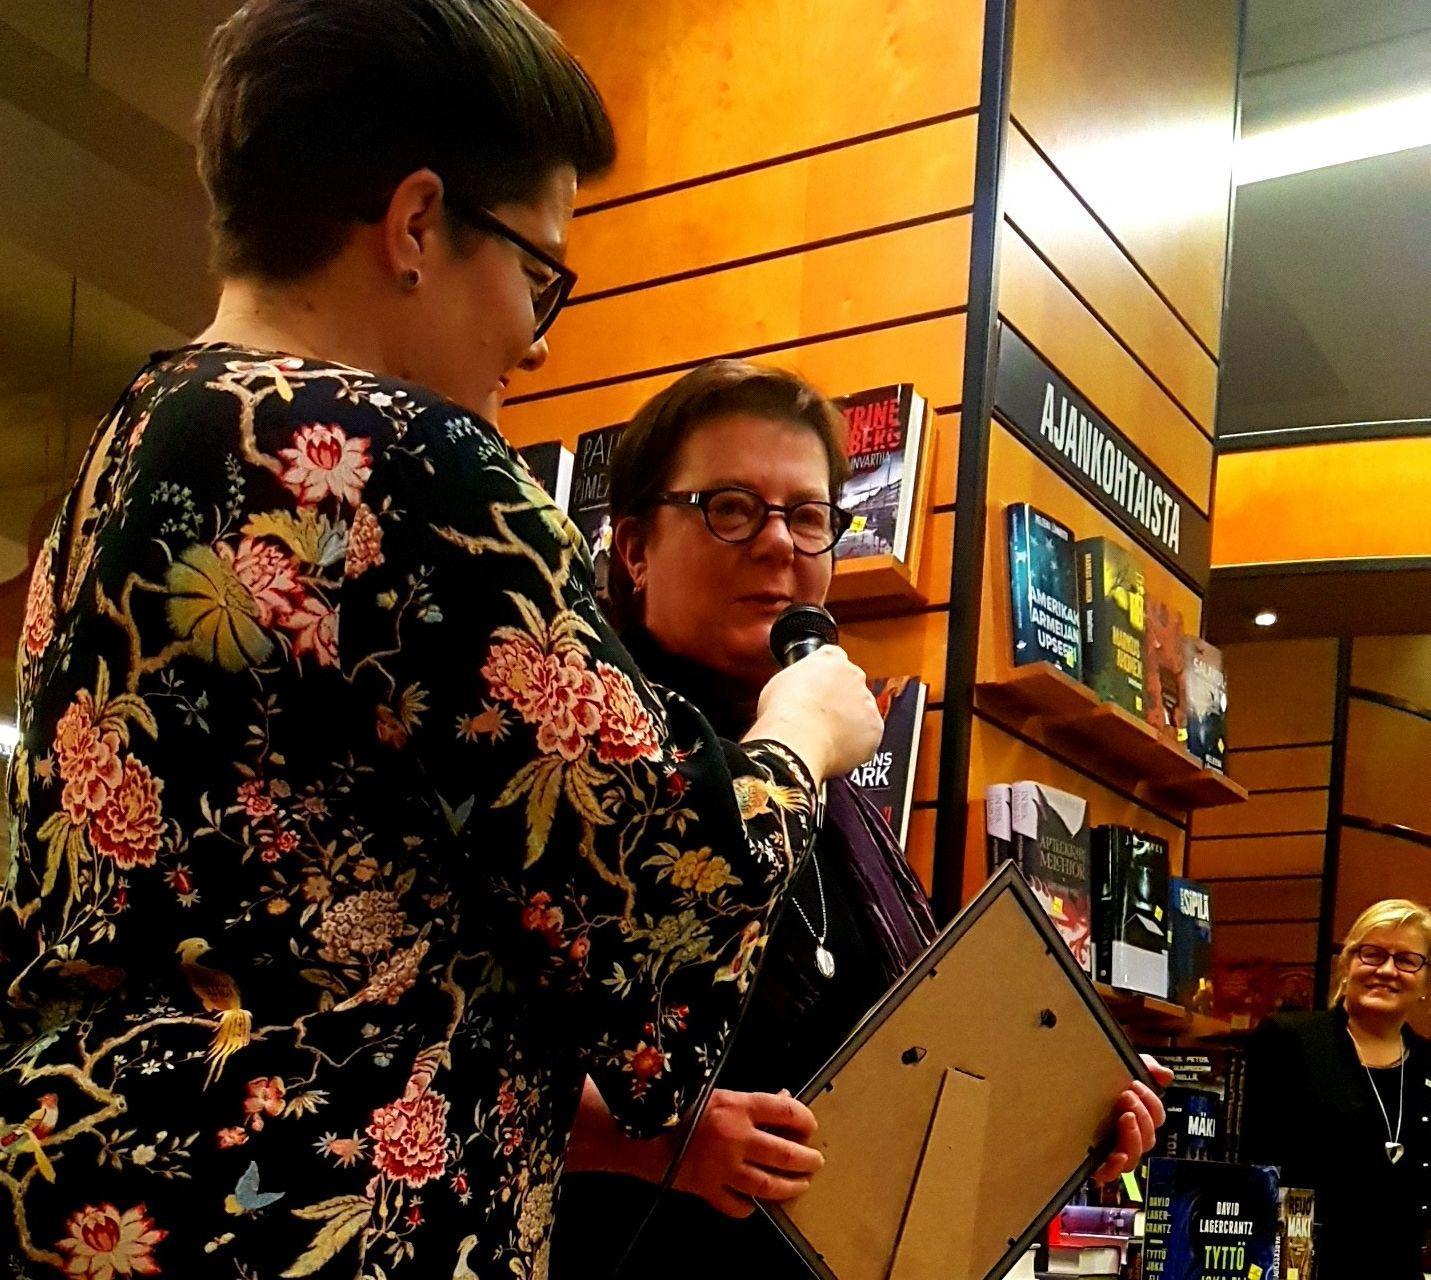 En kulturkritiker får pris av stadens kulturkoordinator.